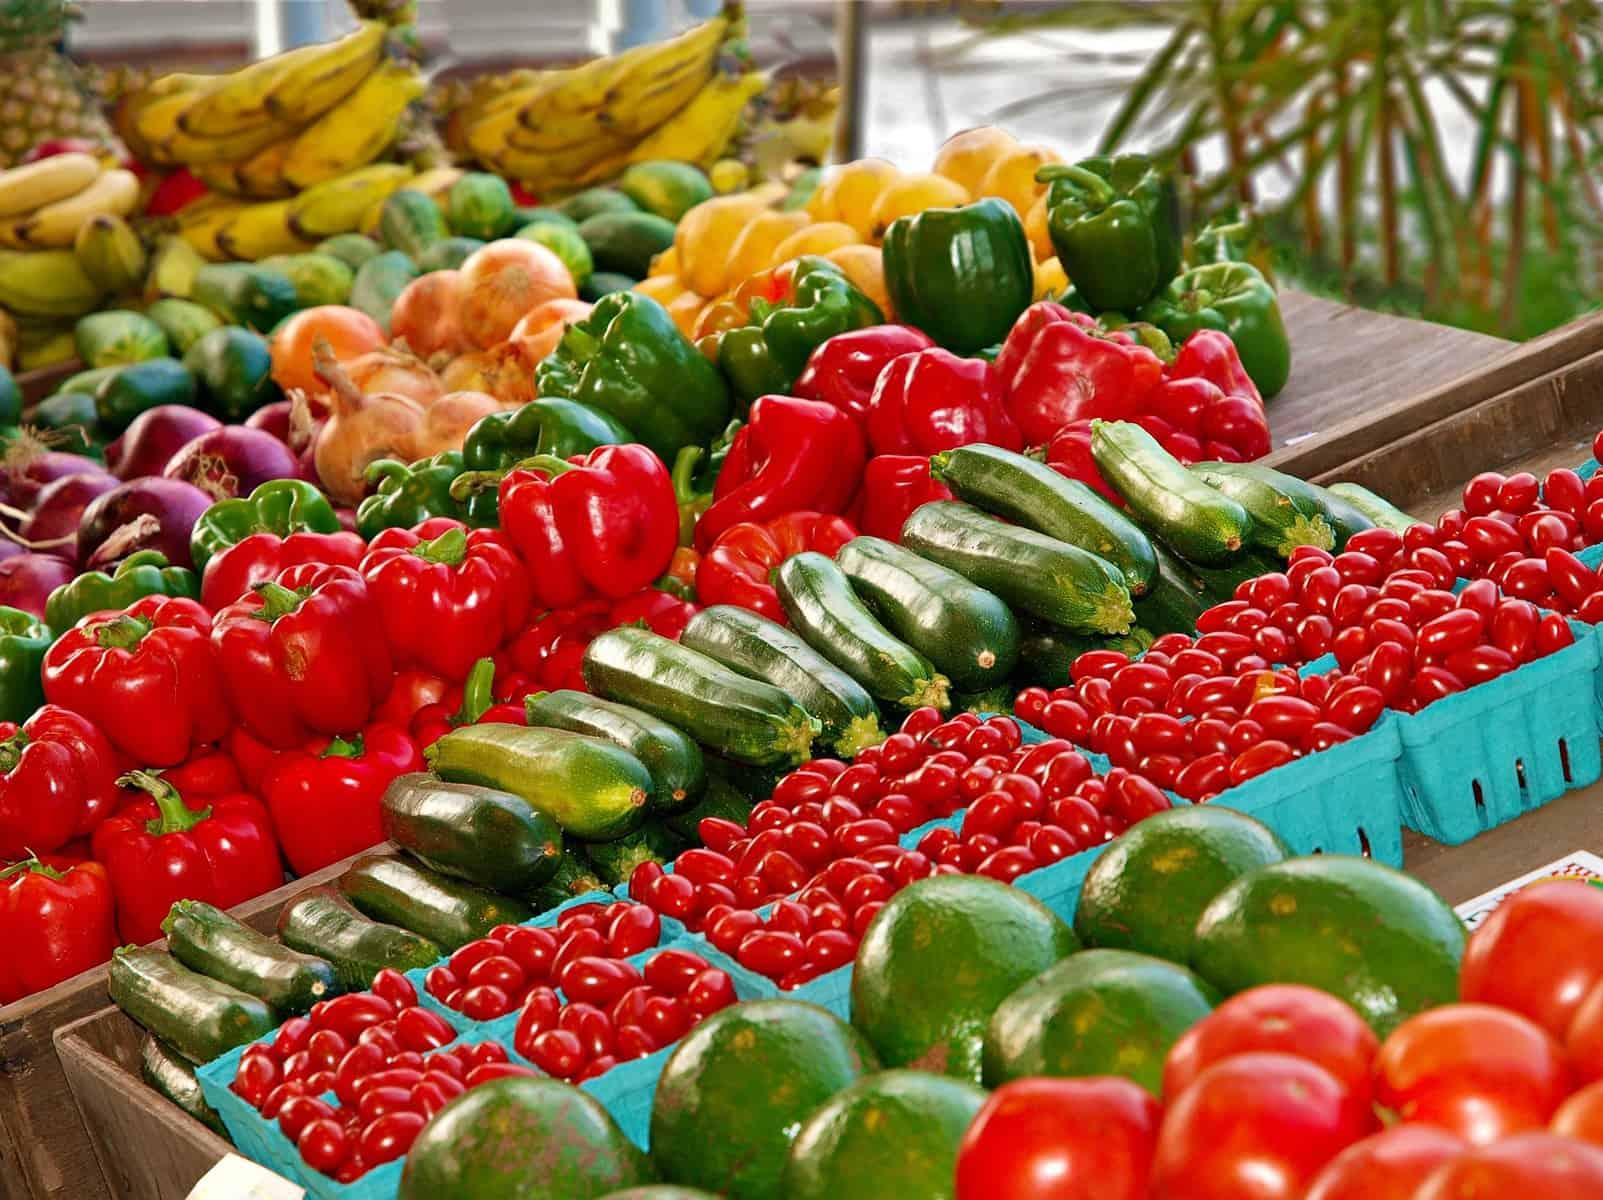 Etat de fruits et légumes